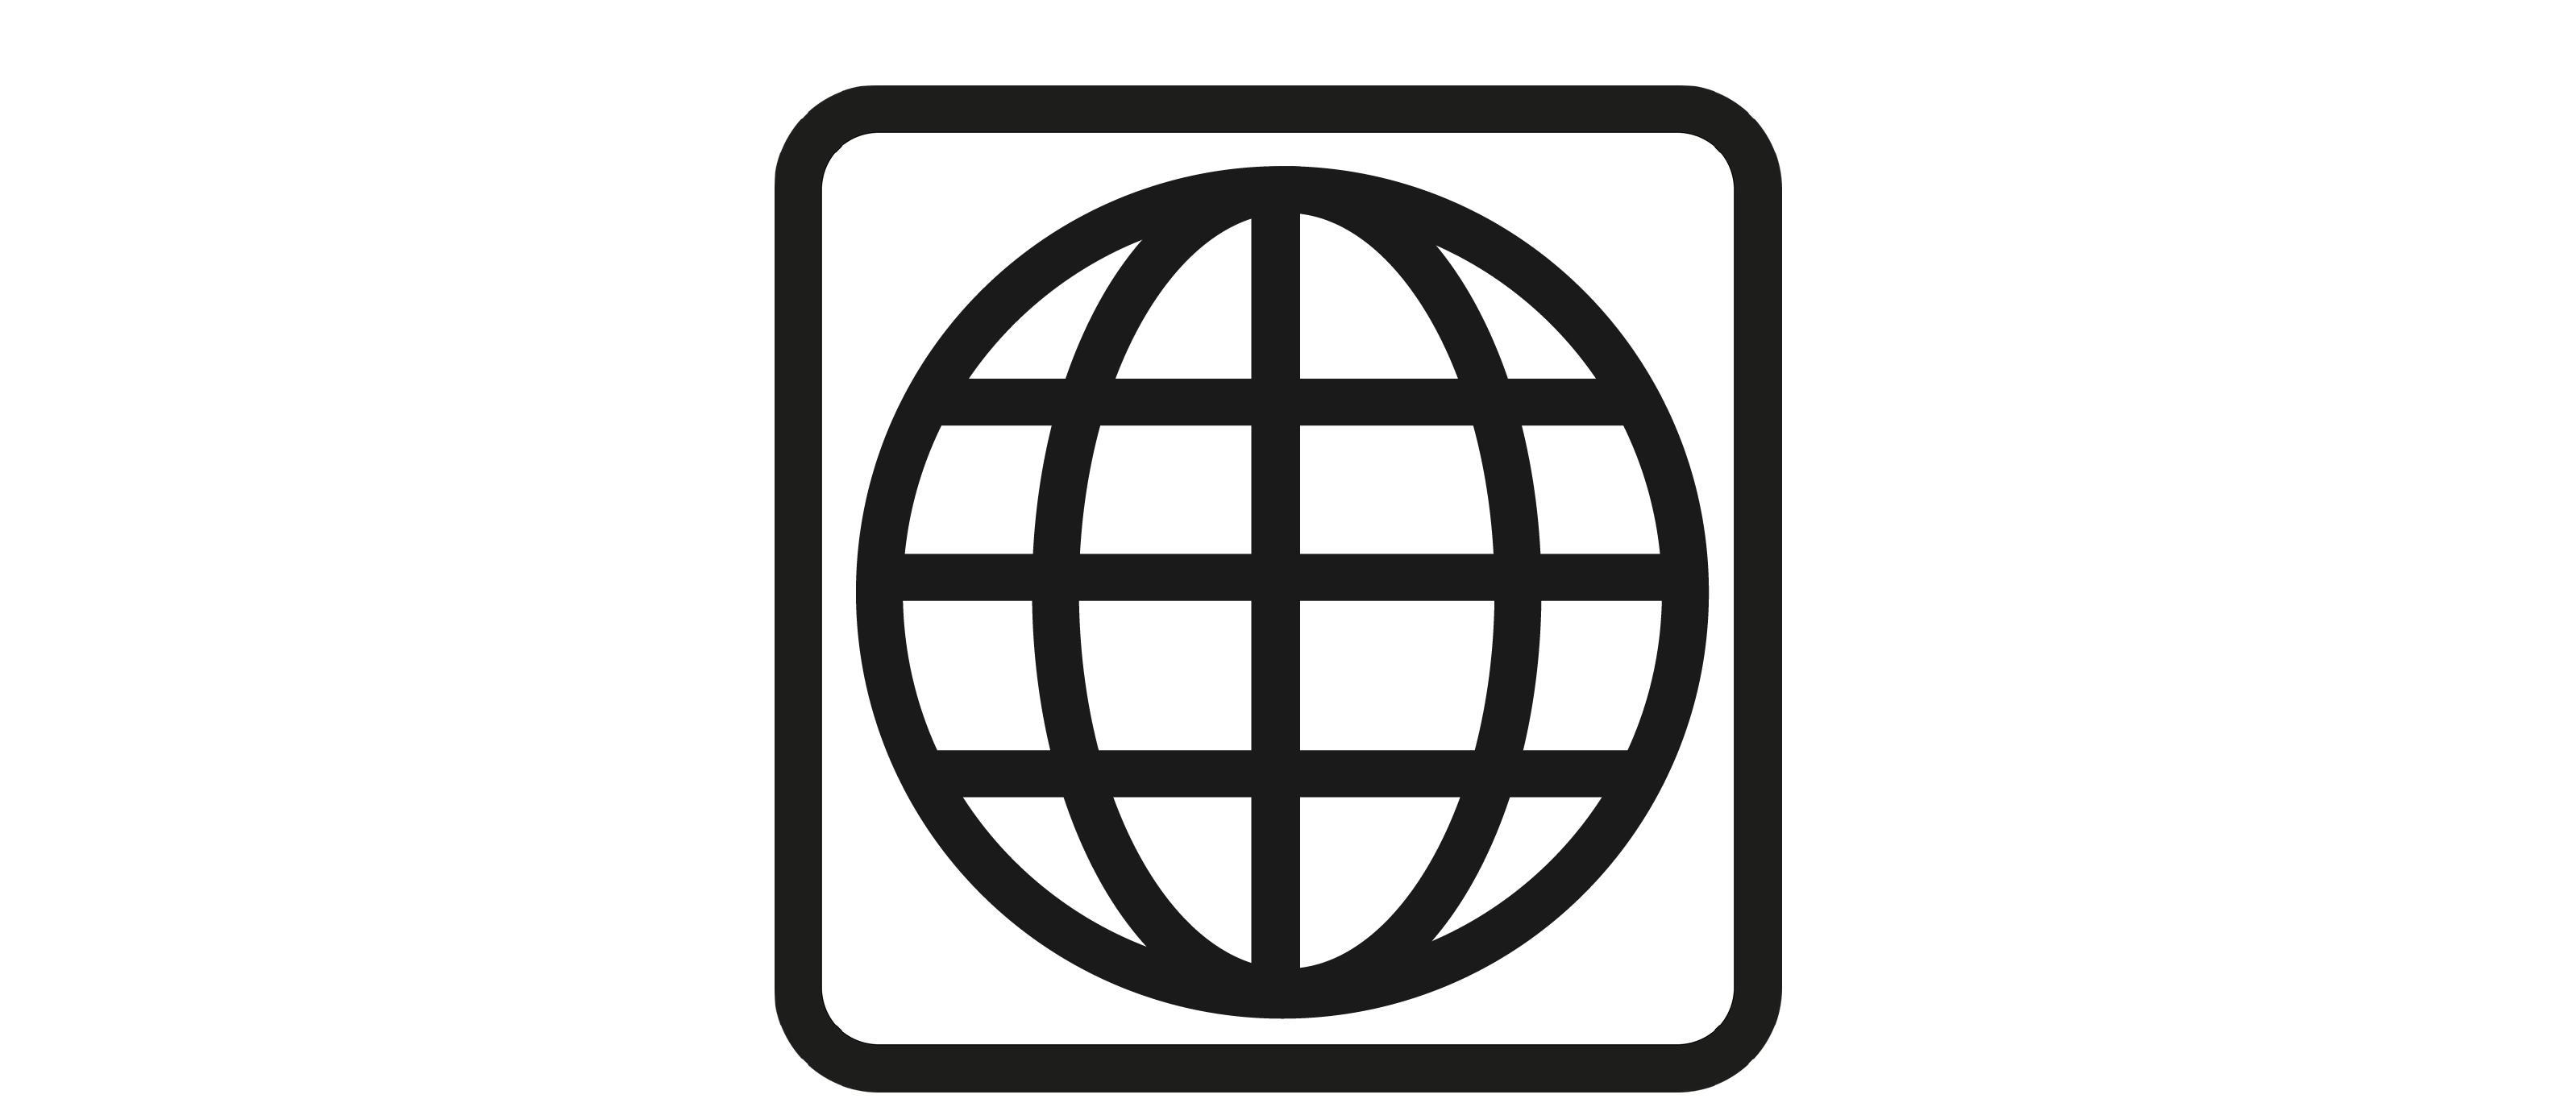 Datenverarbeitung nach ISO 27001 Norm